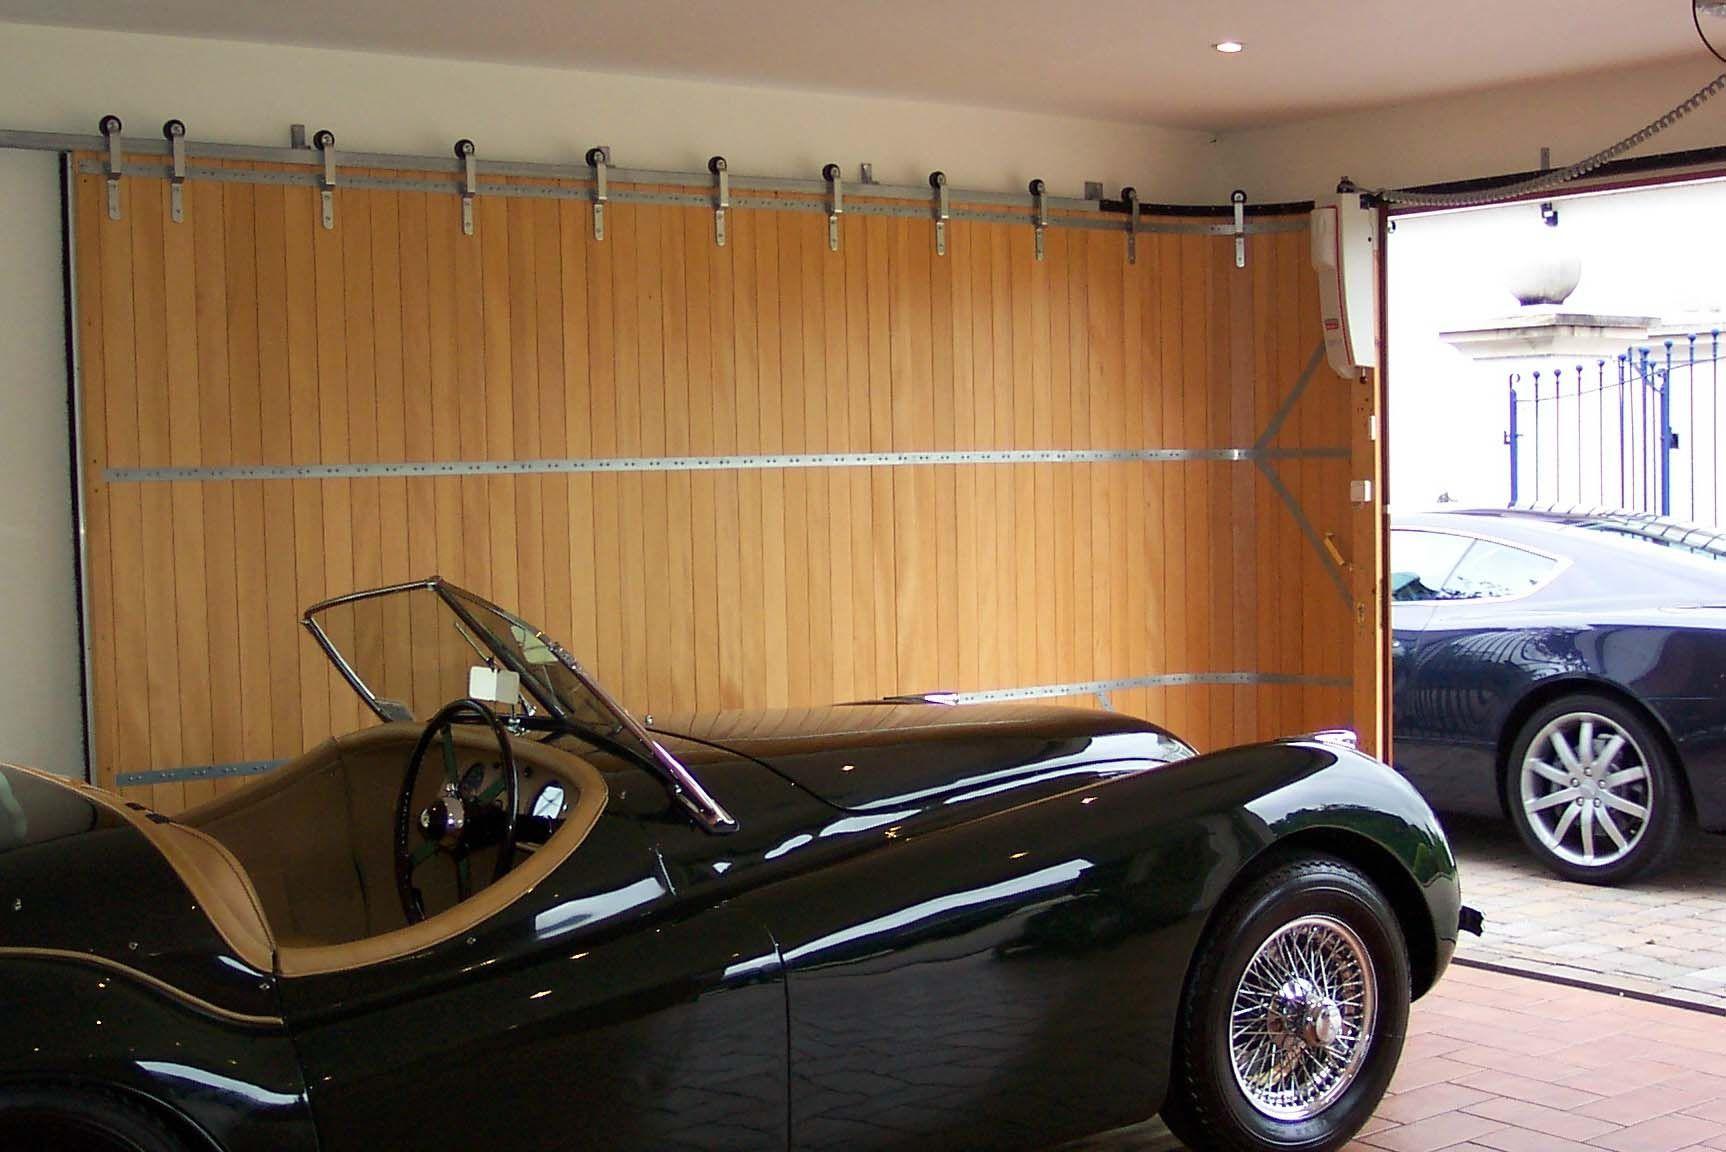 Best Idea Of Sliding Garage Doors In White Color With Black Frame In Side Design Sliding Garage Doors Custom Garage Doors Garage Doors